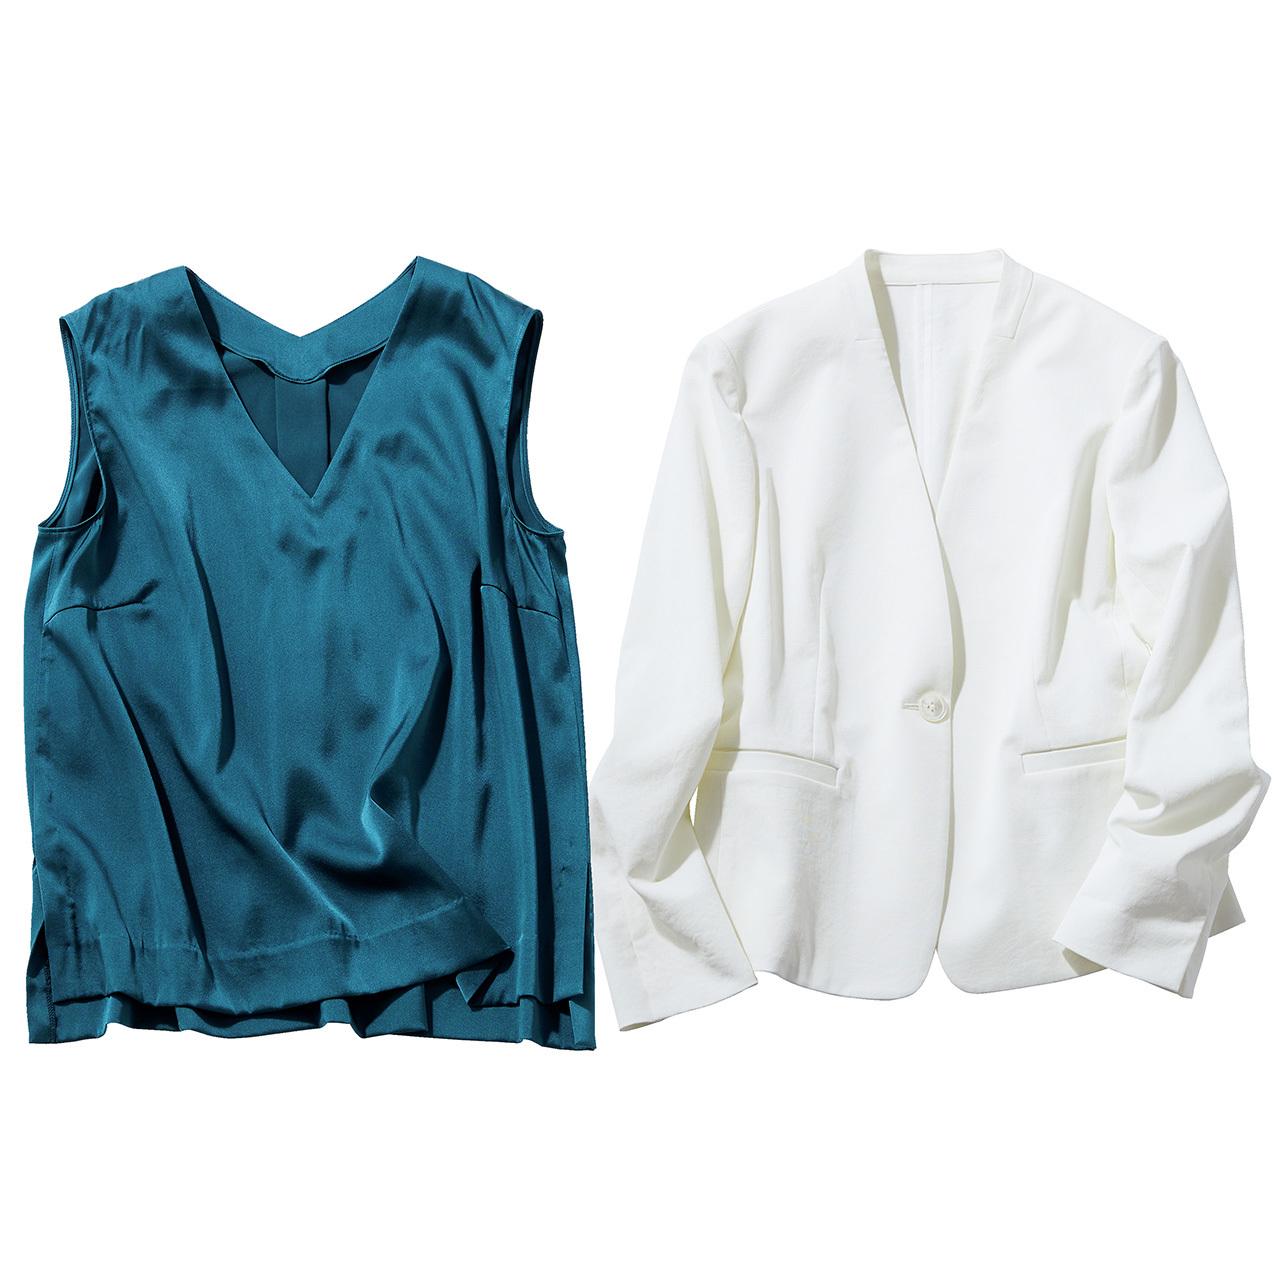 働く女性を応援!自宅で洗えるスーツ&御用達ブランドの服 五選_1_1-2